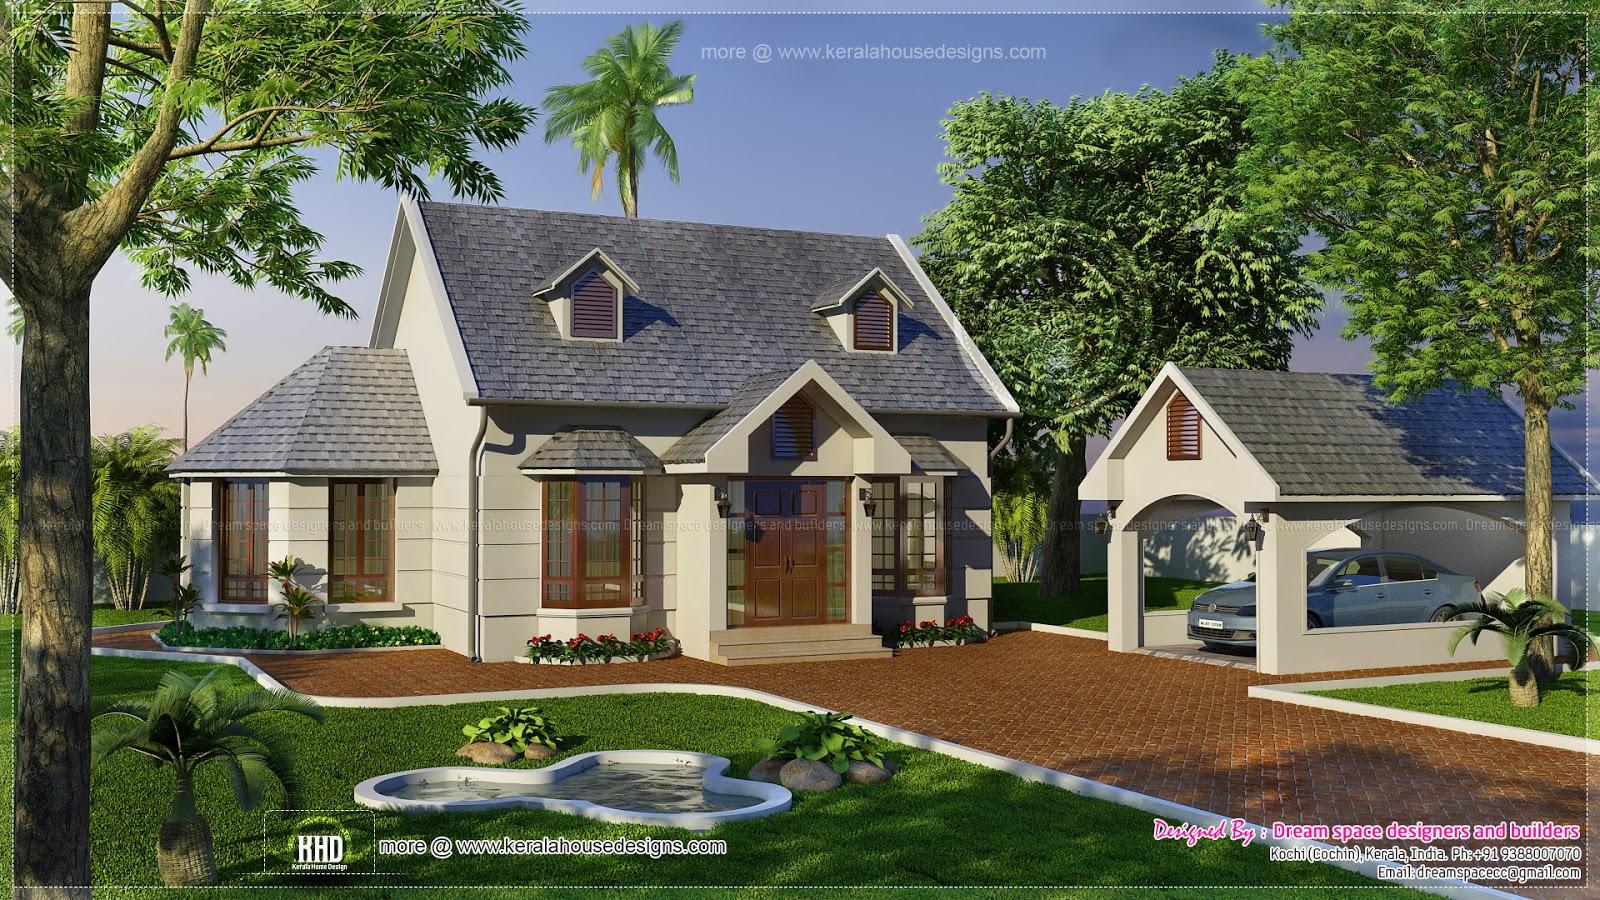 Vacation garden home design in 1200 sq.feet | Home Kerala ...